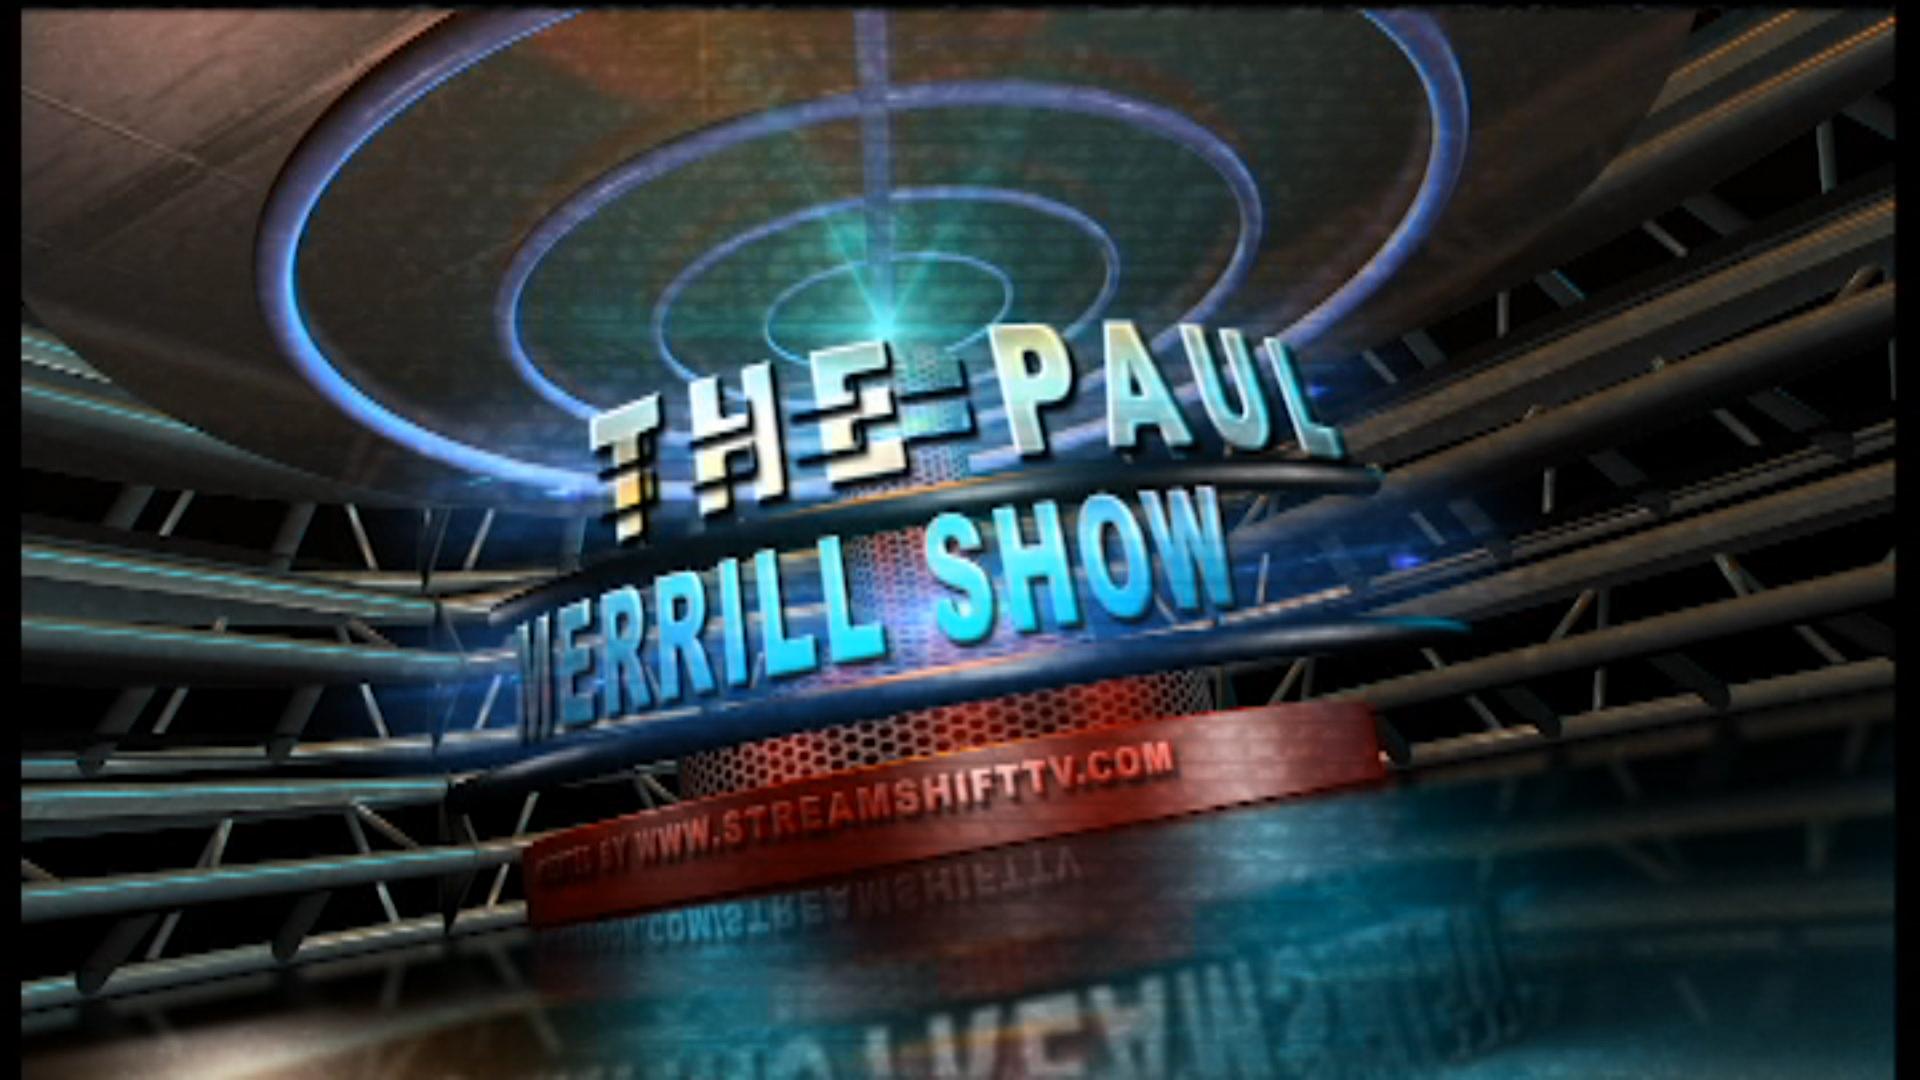 The Paul Merrill Show - June 19th, 2019